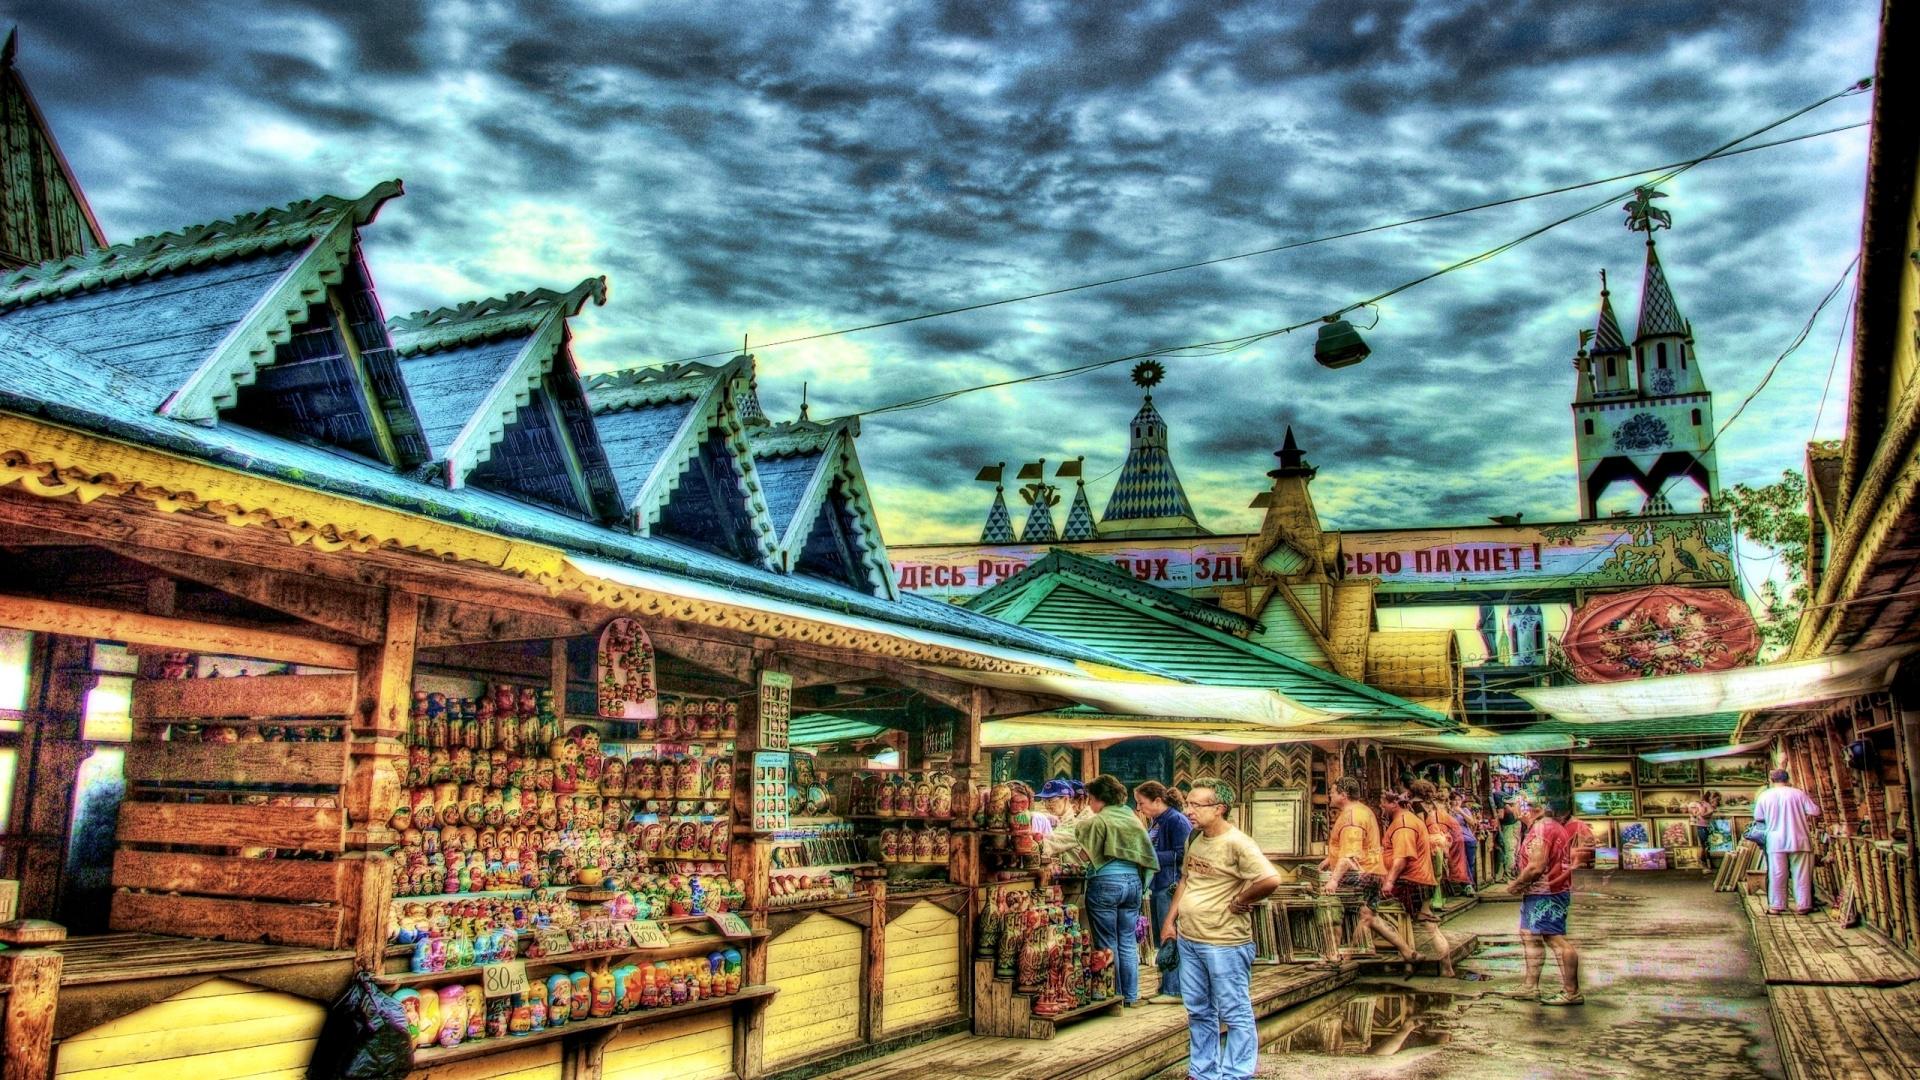 download Fonds dcran Market Place tous les wallpapers Market 1920x1080